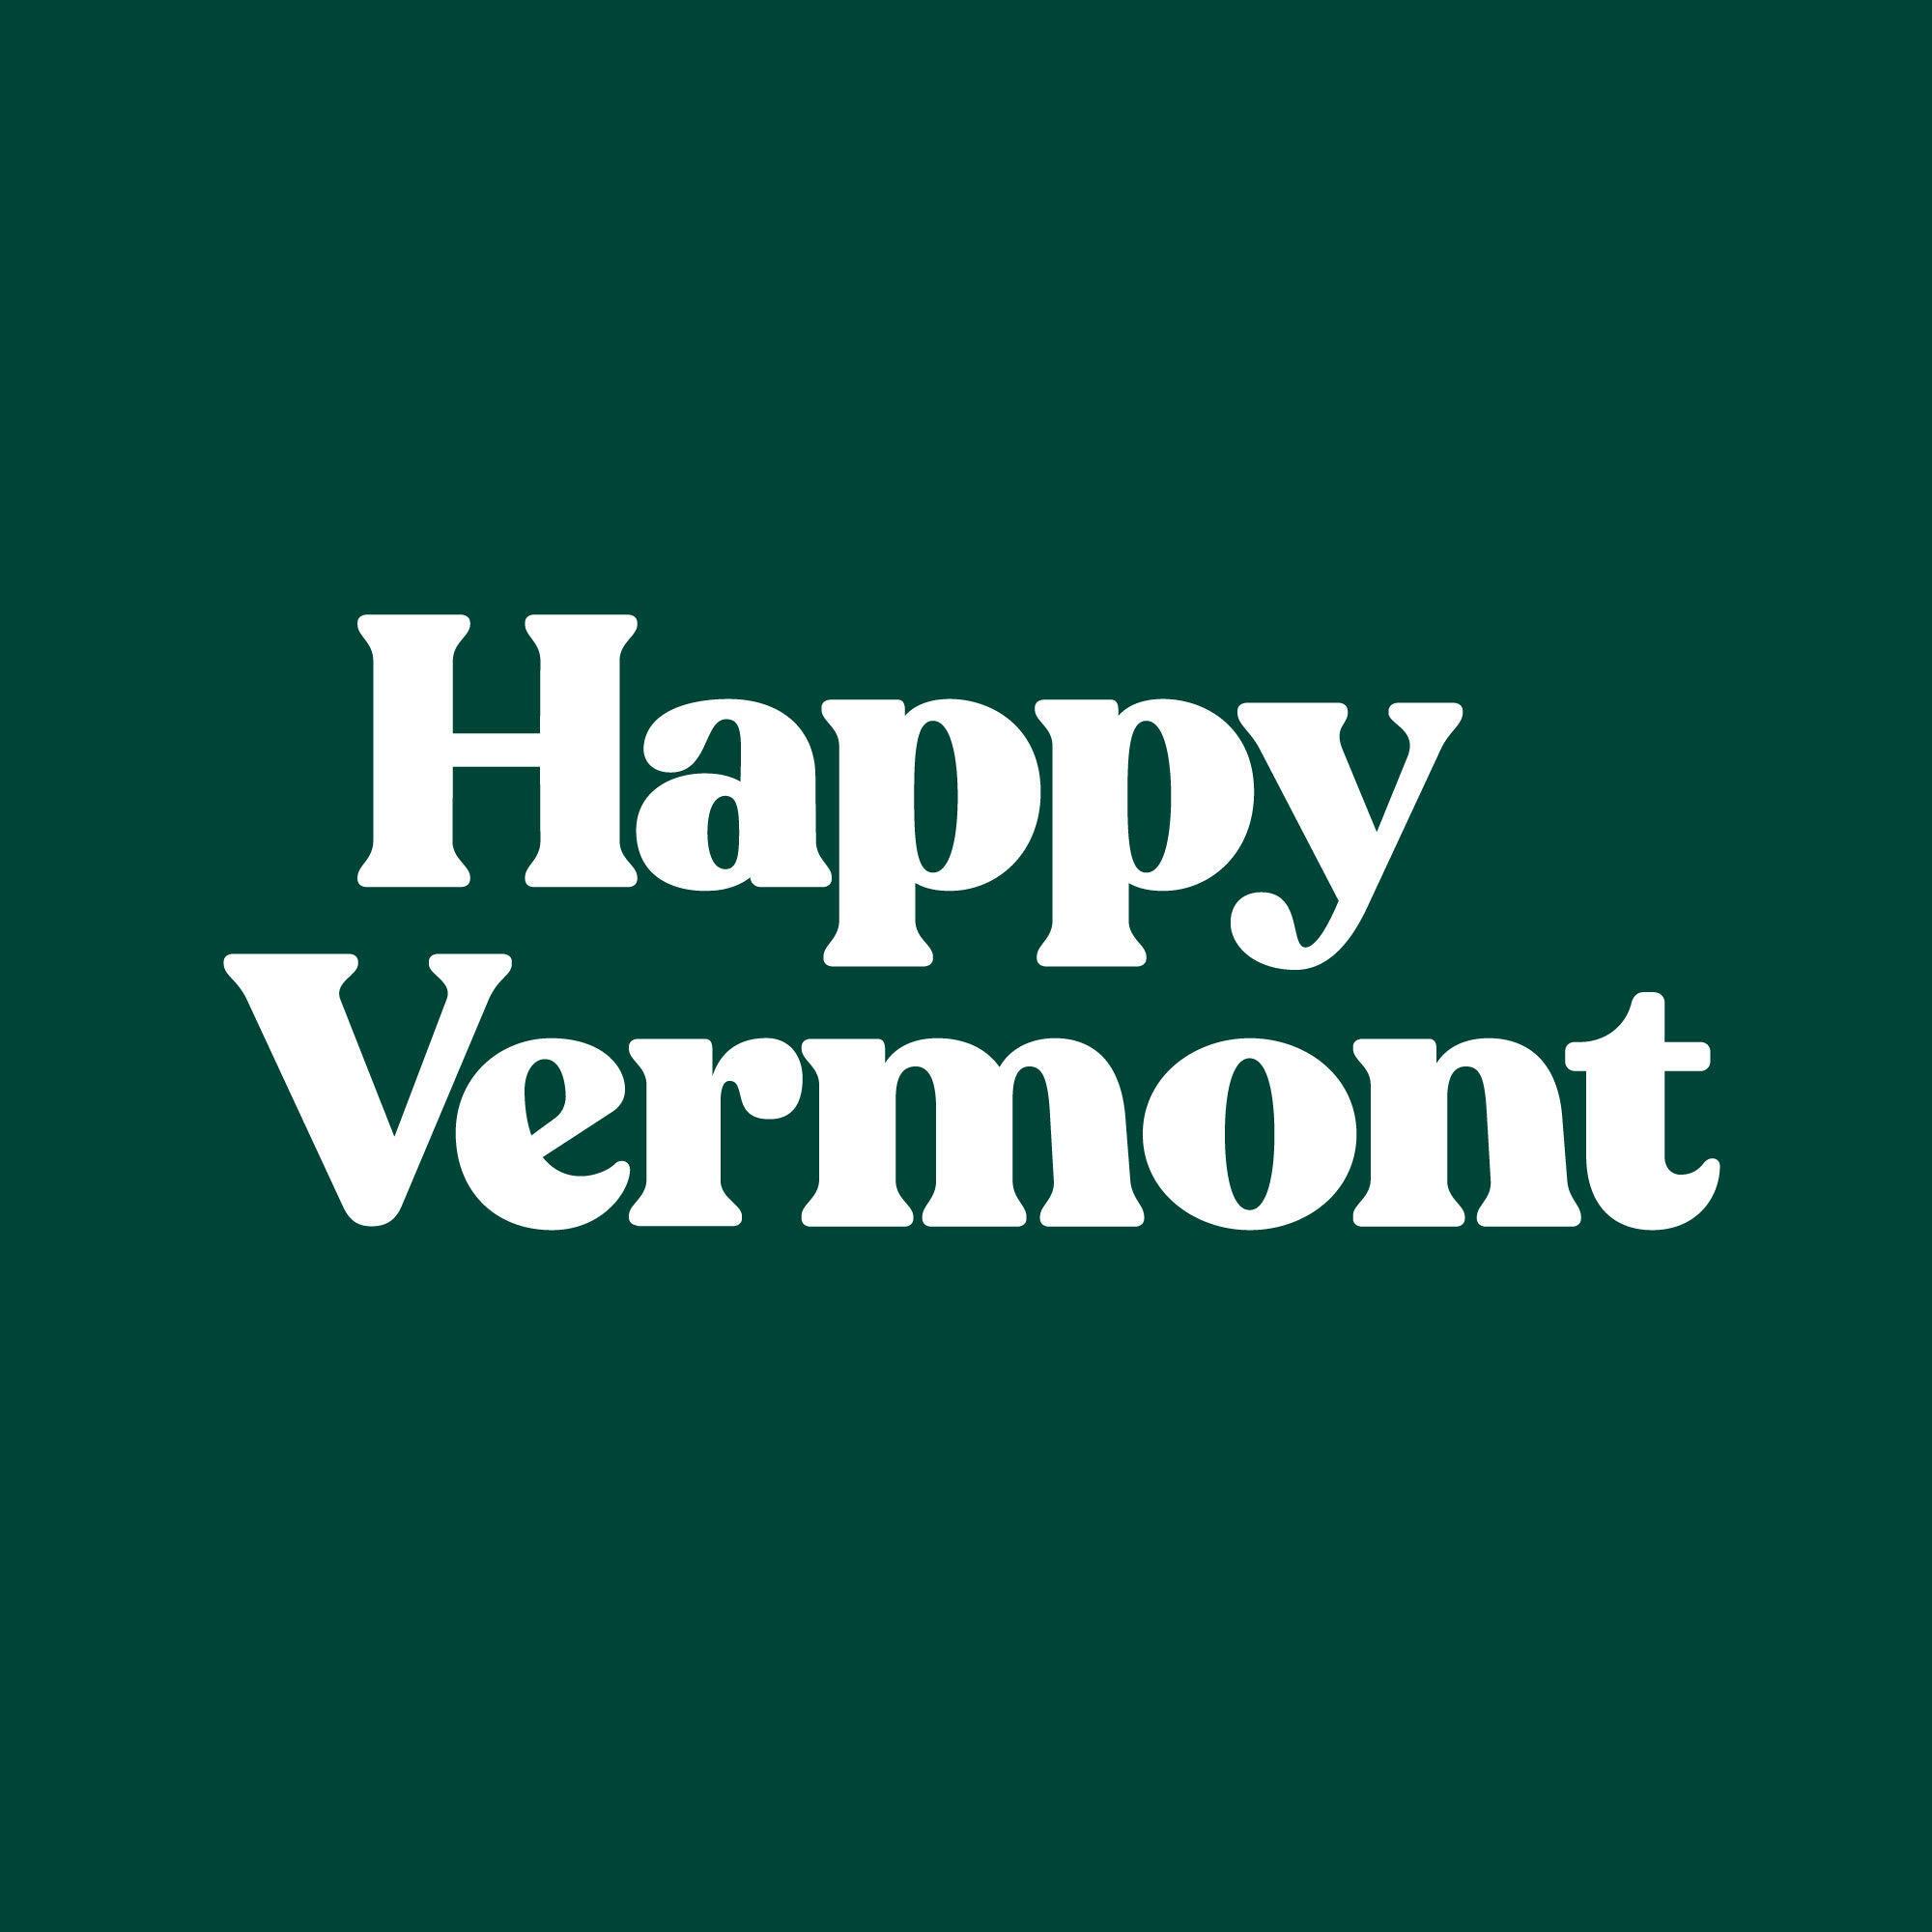 Happy Vermont